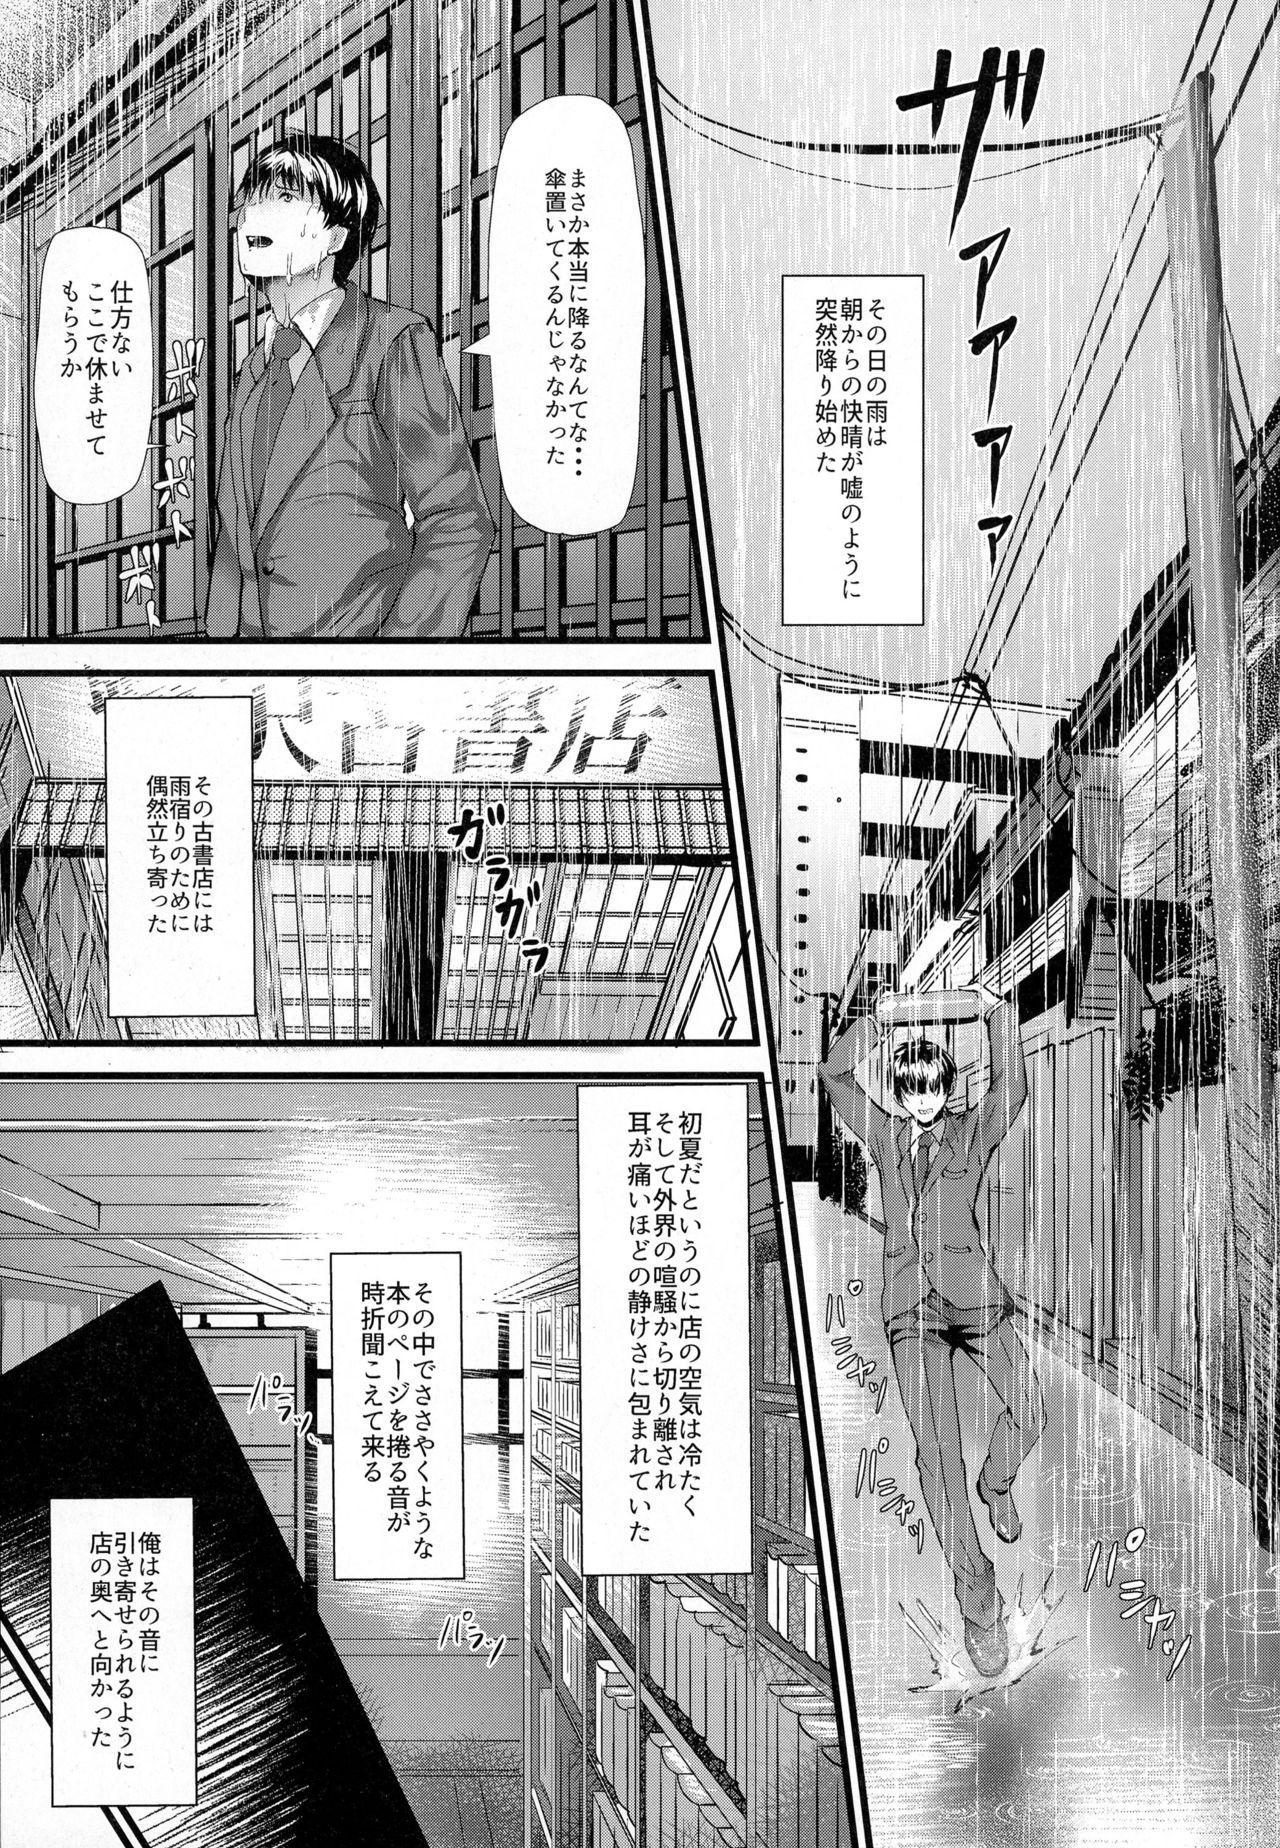 Konna ni mo Itooshii Zero 2